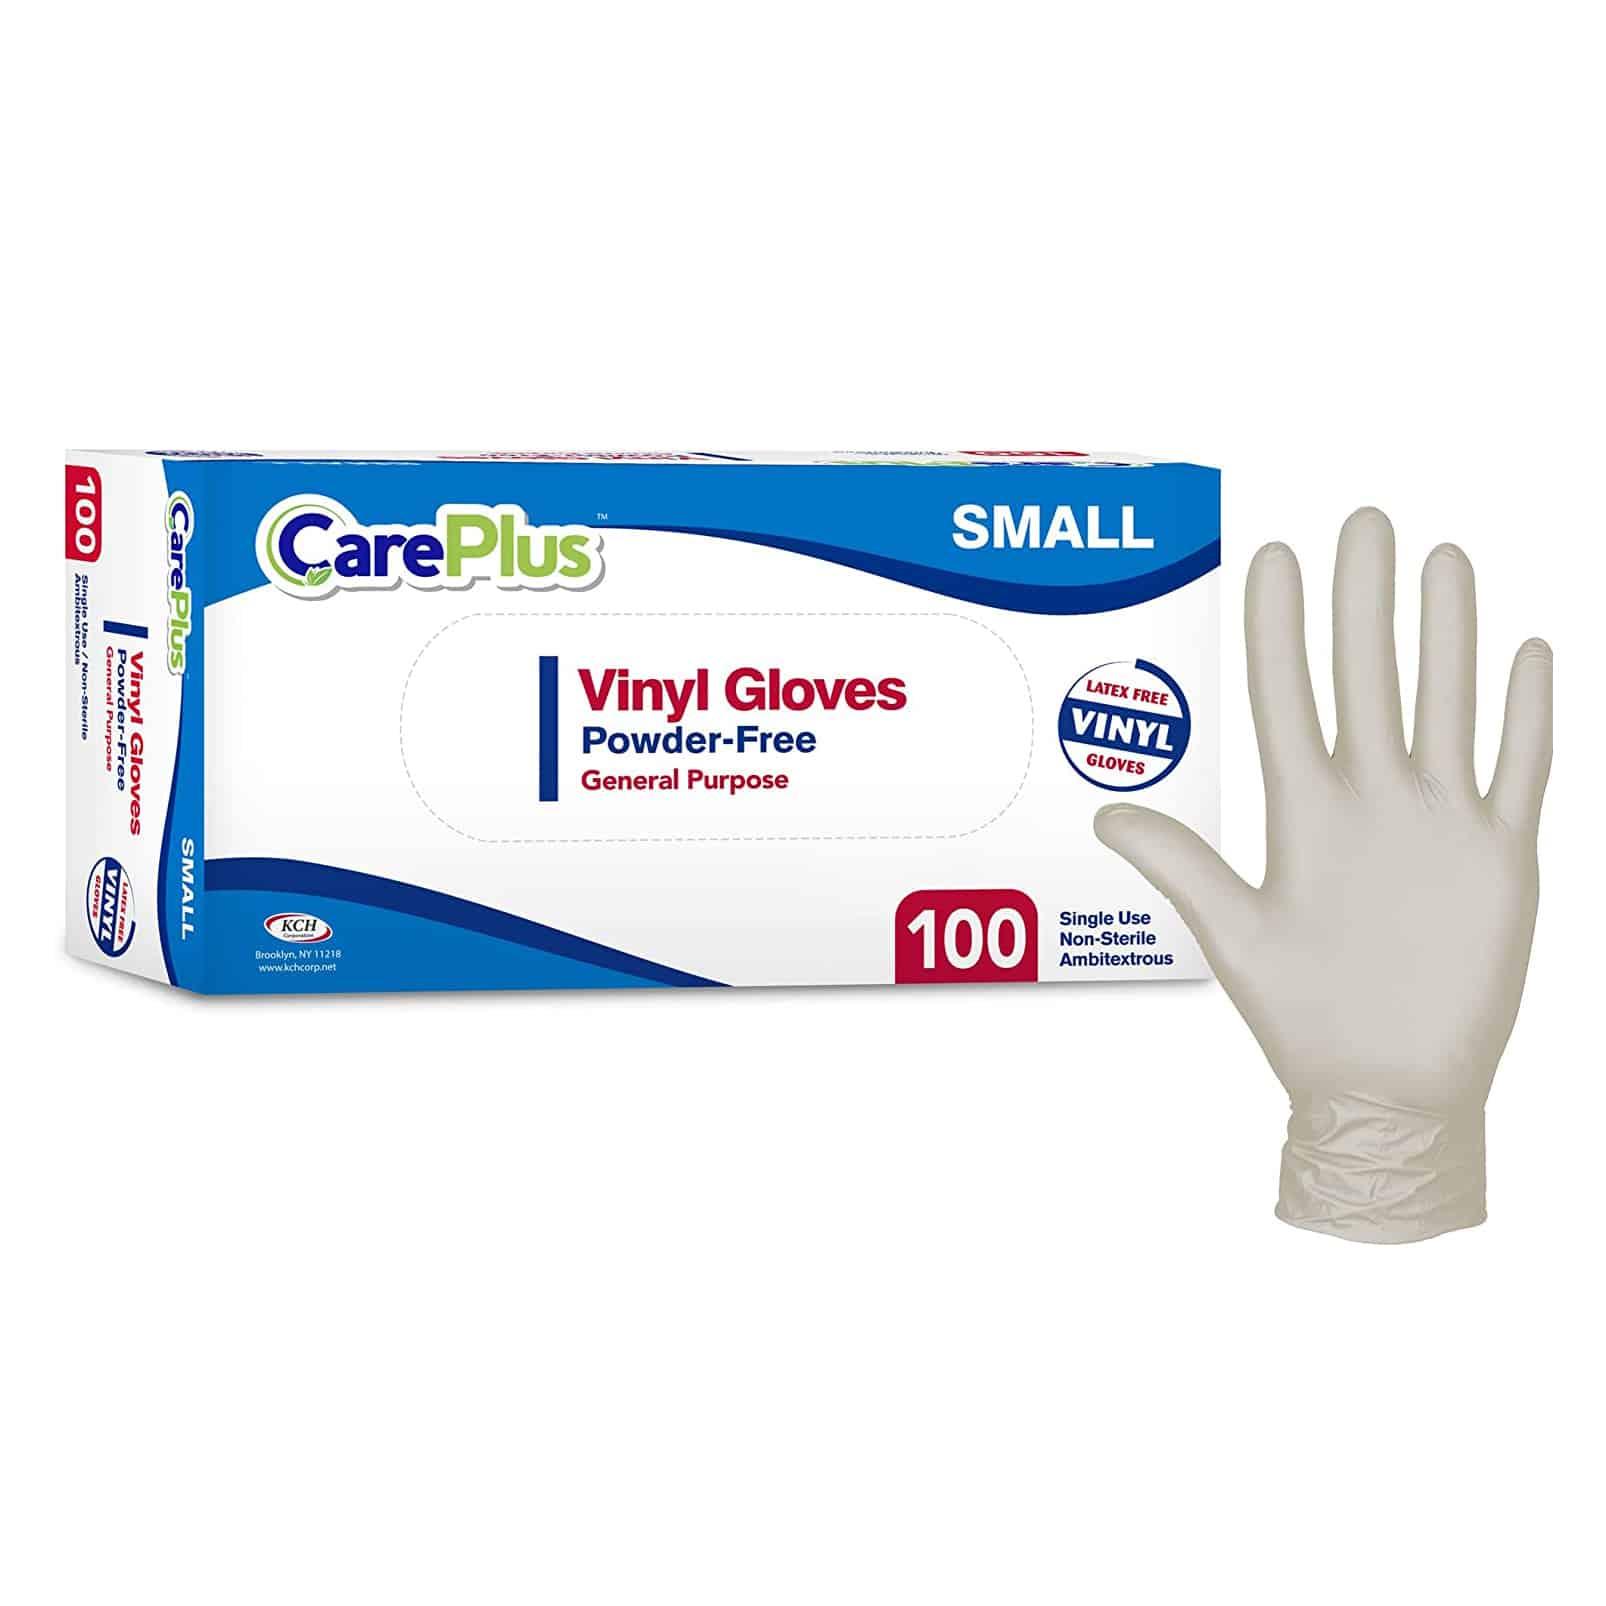 Care Plus 100 Pieces Disposable Plastic Vinyl Gloves